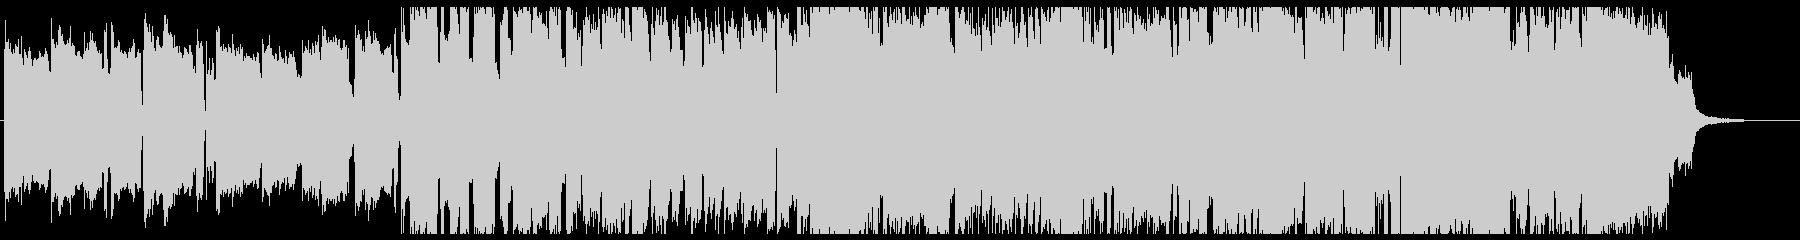 サックス バラードの未再生の波形